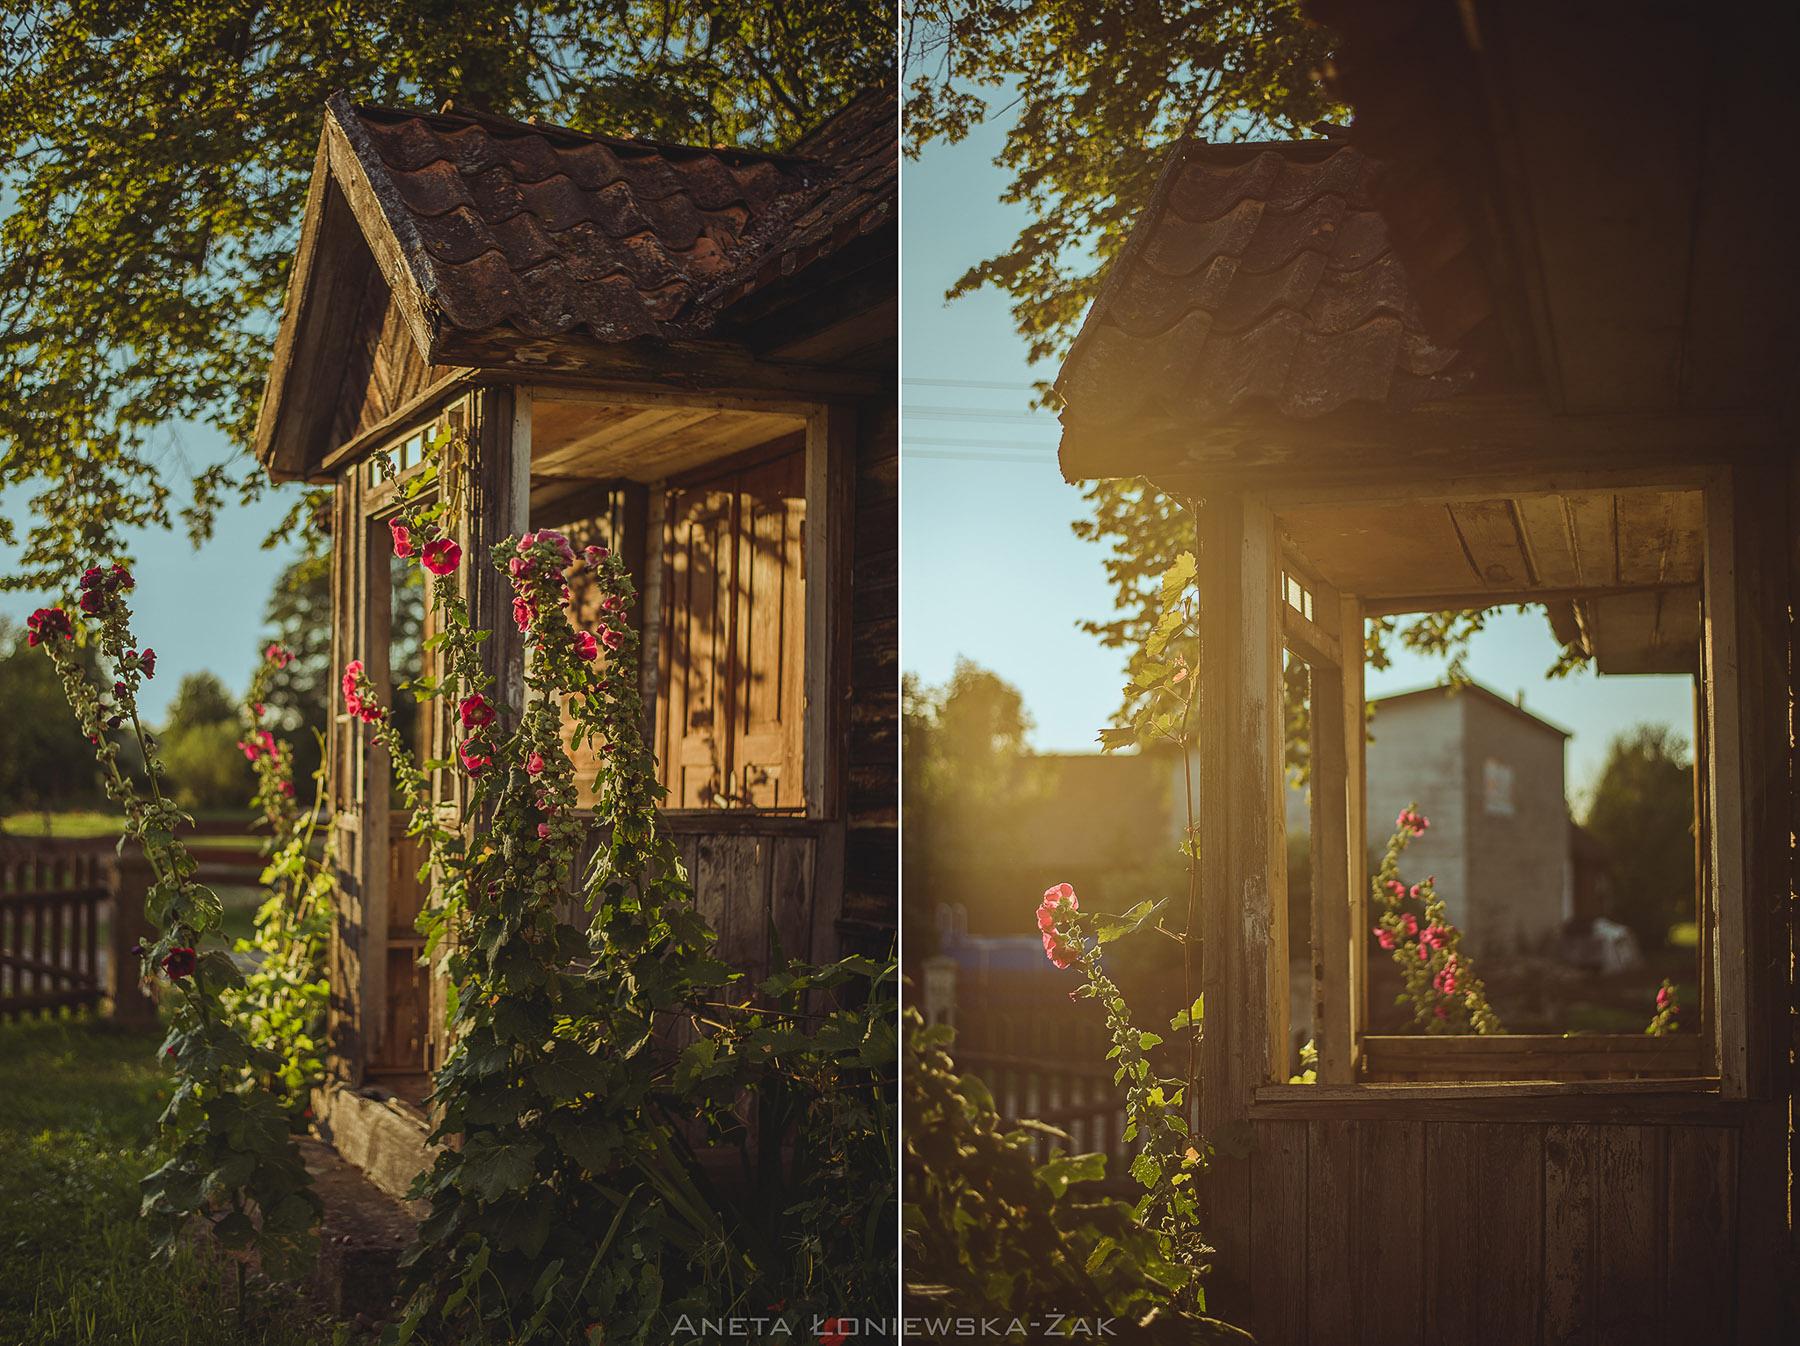 fotografia przyrodnicza, puszcza knyszyńska, podlasie, drewniany dom ganek malwy zamczysk